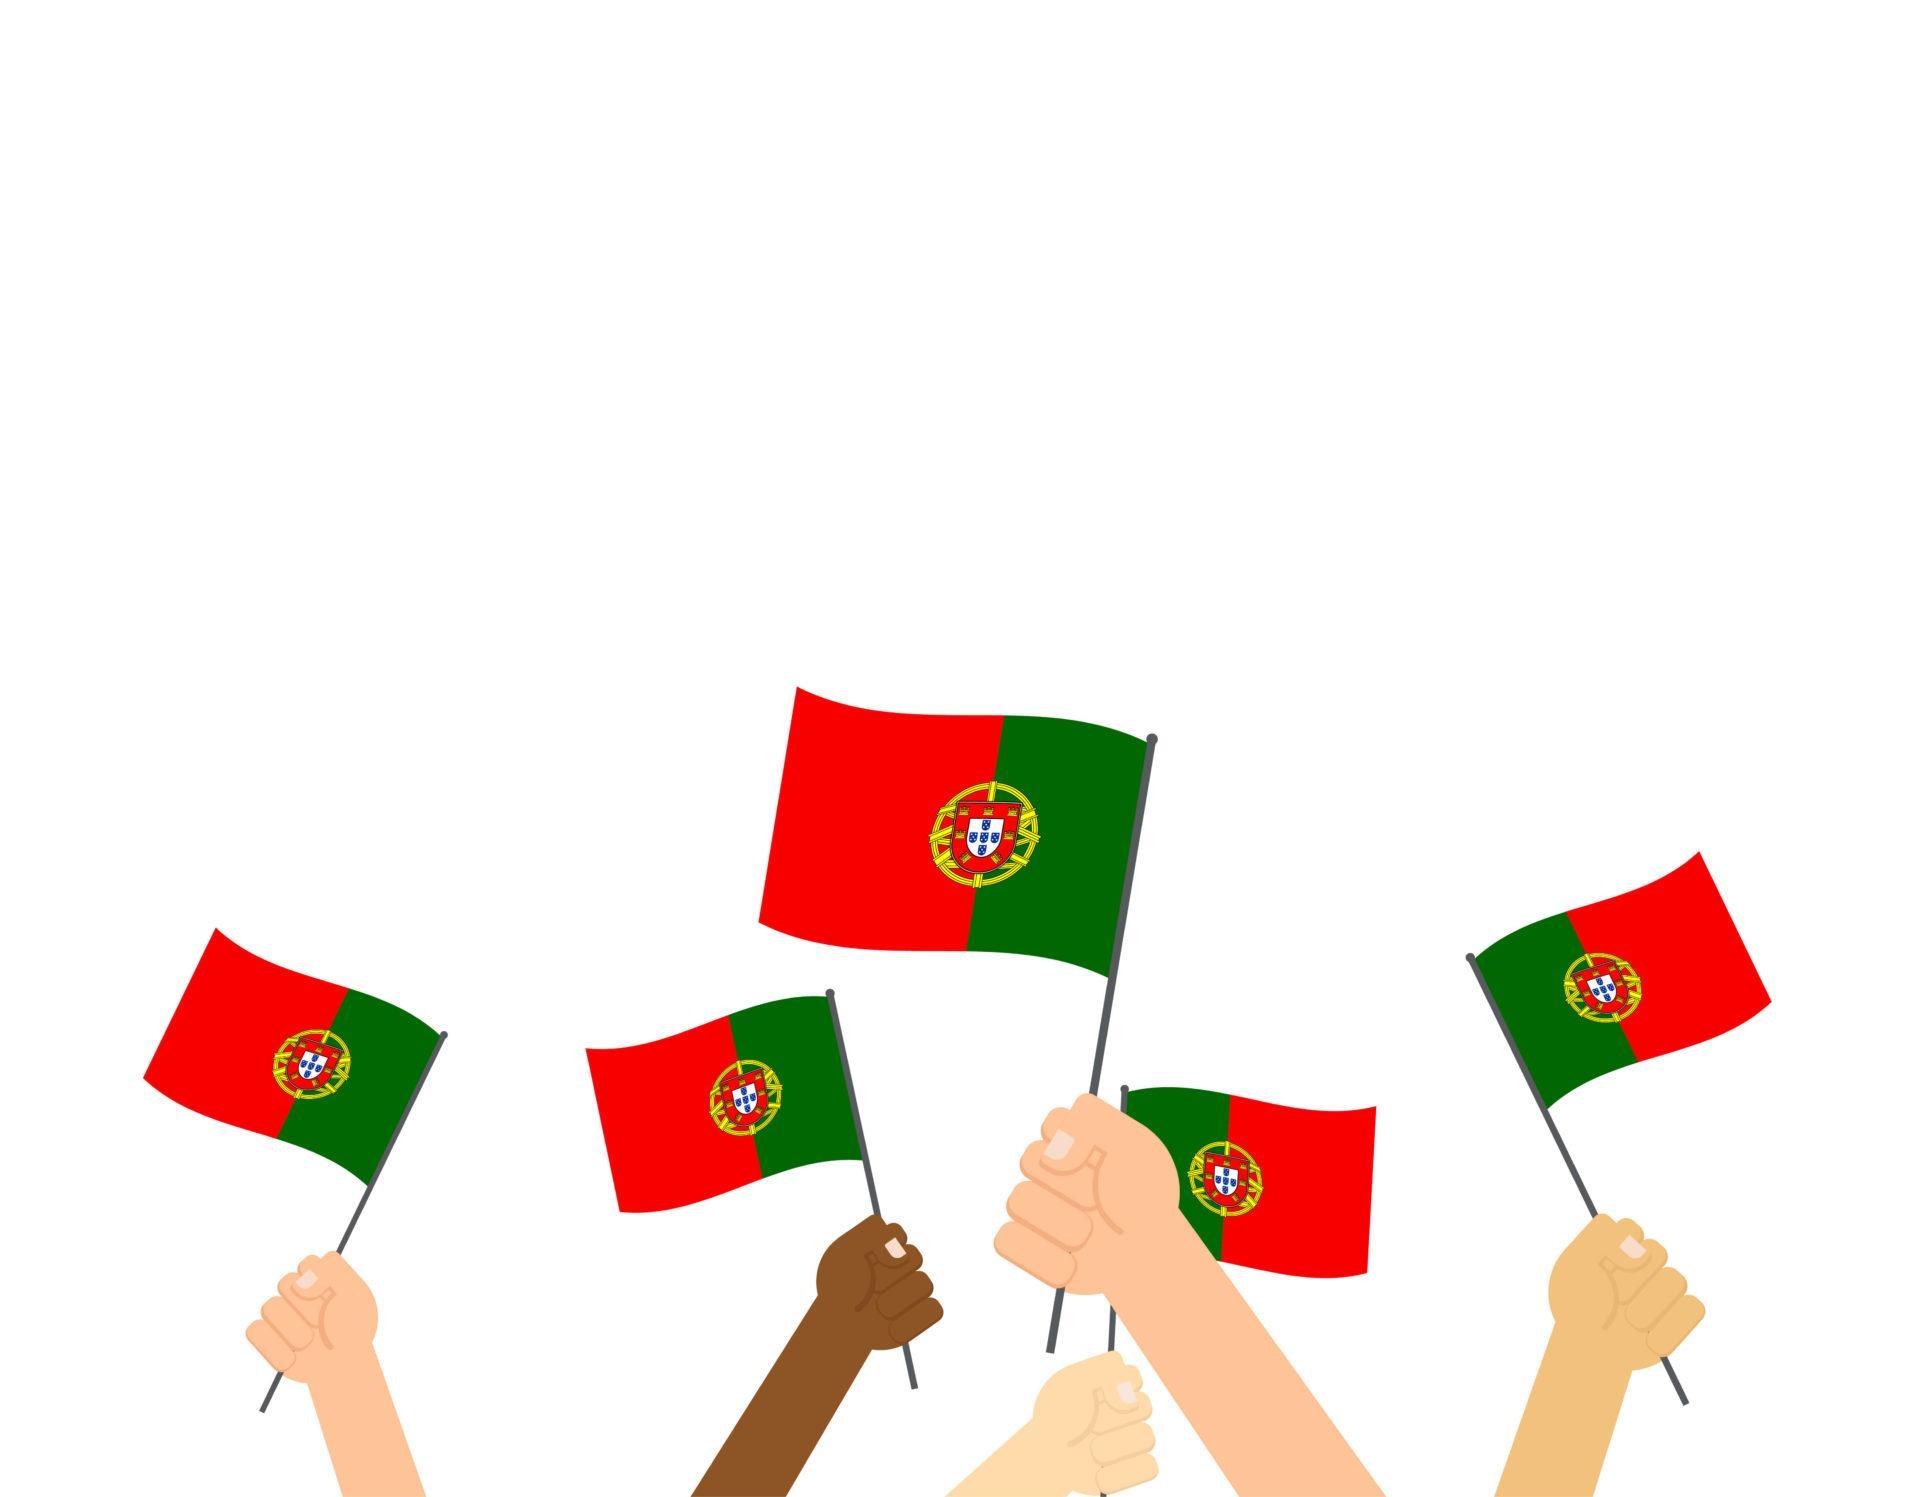 תהליך קבלת אזרחות פורטוגלית בלוג